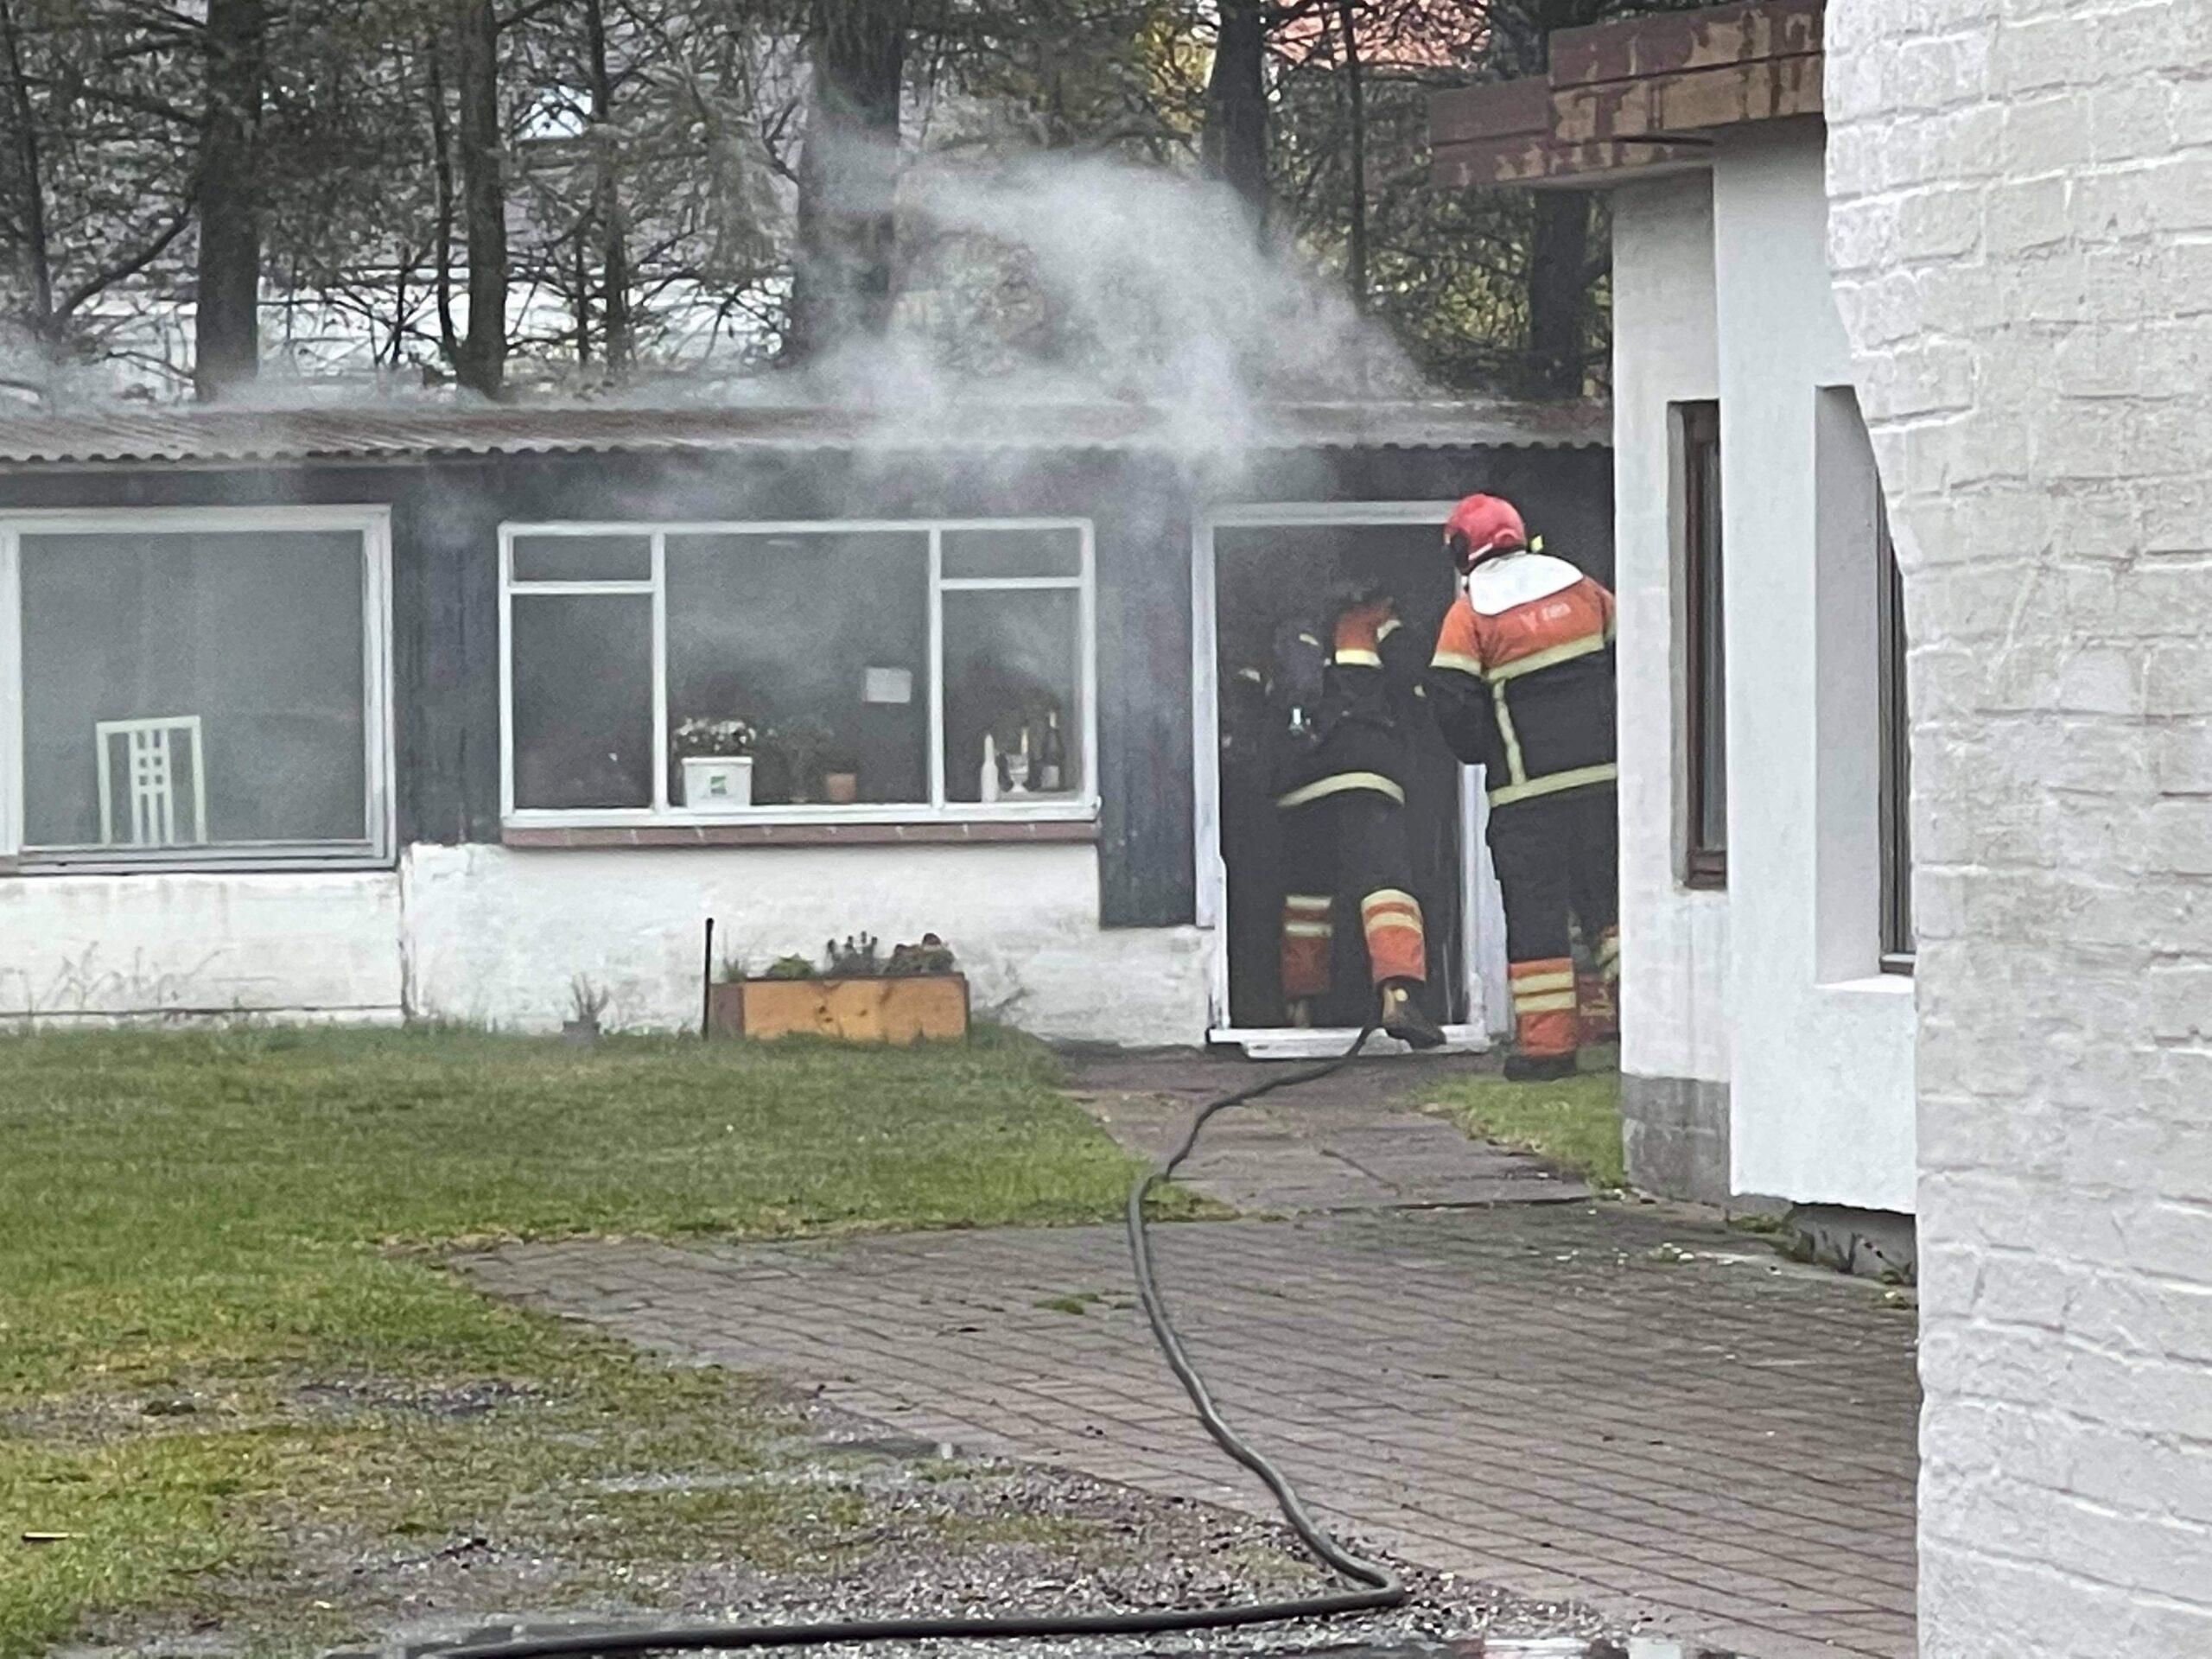 Bygningsbrand i Hjørring - Røg væltede ud fra skur